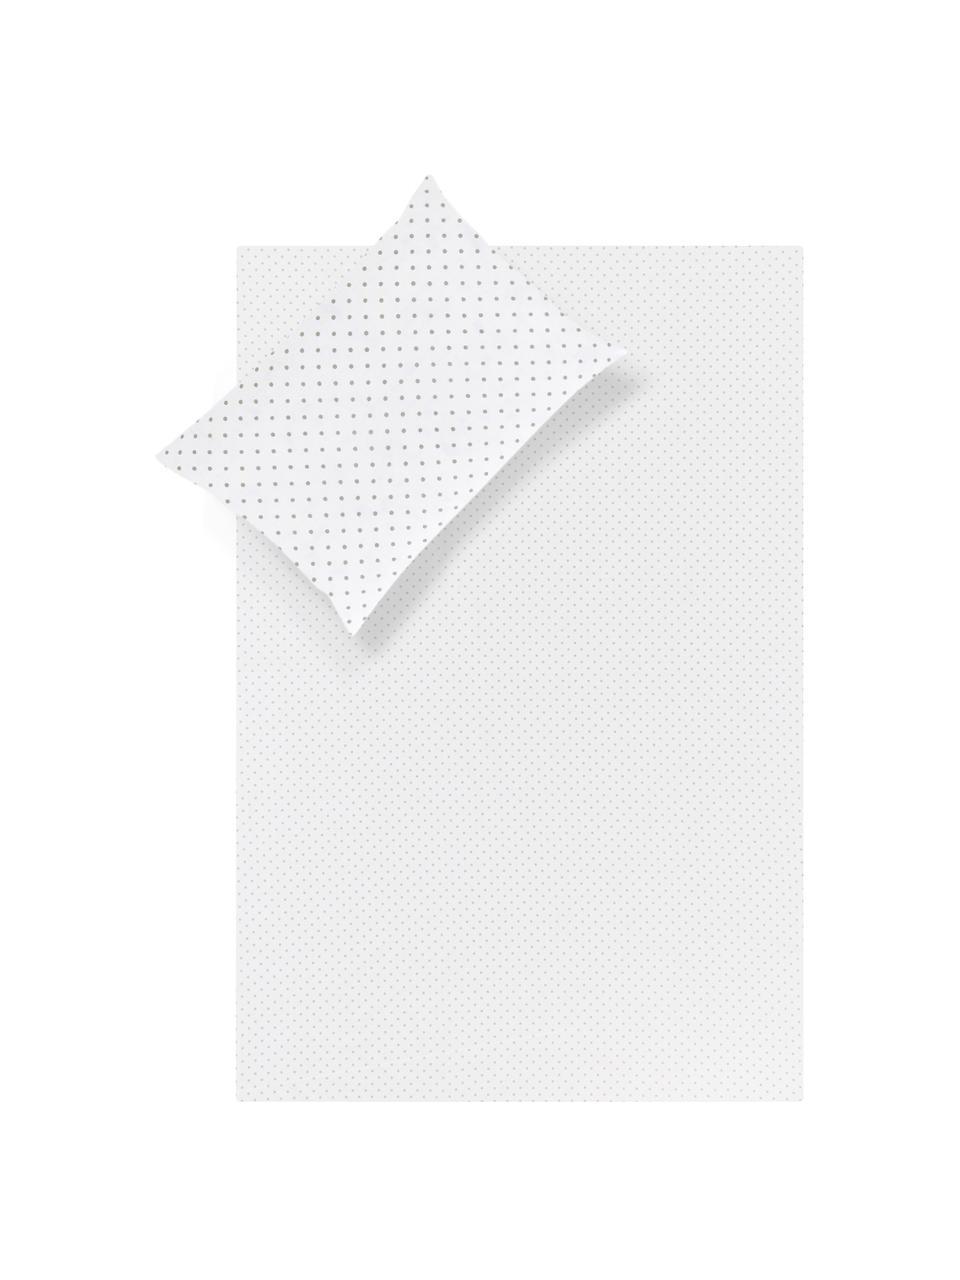 Set lenzuola in cotone Lilca, Cotone La parure copripiumino in cotone è piacevolmente morbida sulla pelle, assorbe bene l'umidità ed è adatta per chi soffre di allergie., Grigio, bianco, 180 x 270 cm + 2 cuscini 50 x 80 cm